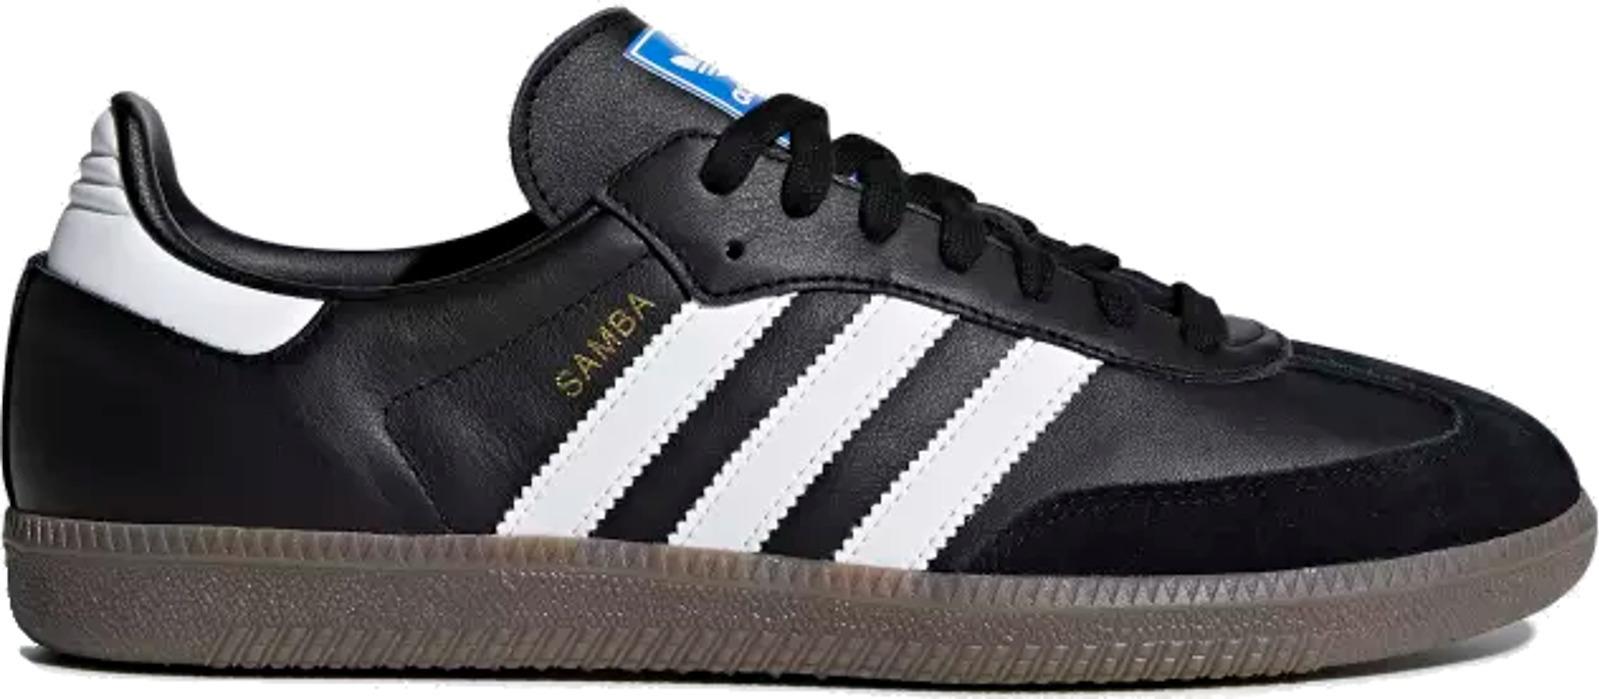 7e88fde3a0 Προσθήκη στα αγαπημένα menu Adidas Originals Samba OG